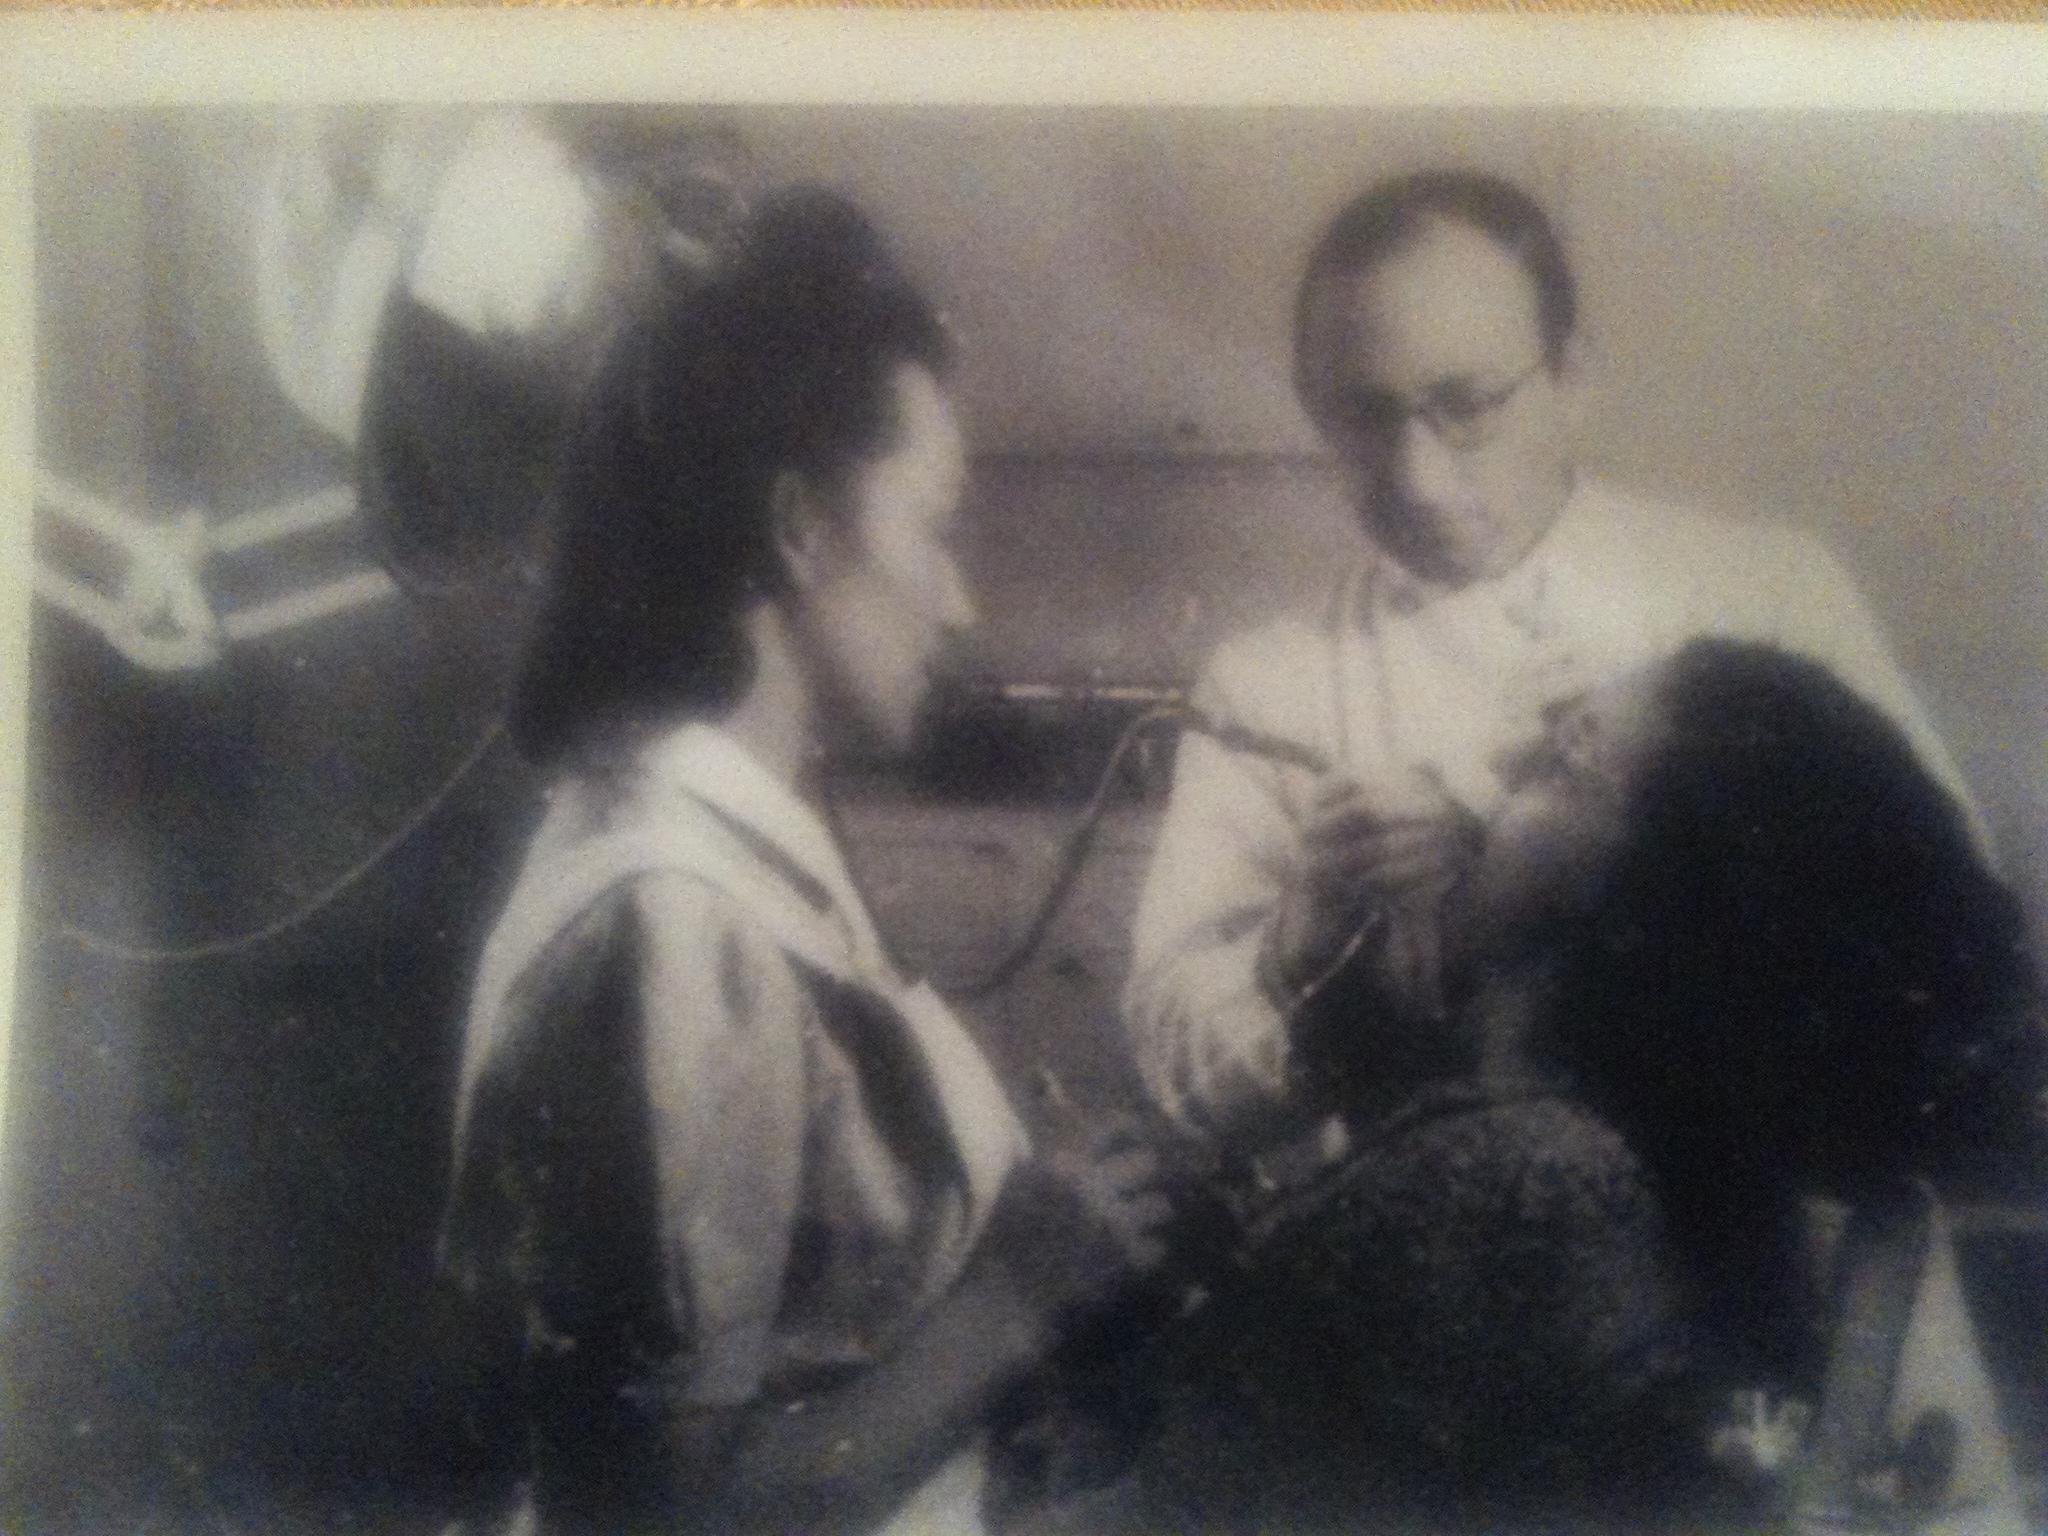 Het beeld uit de Westerborkfilm.